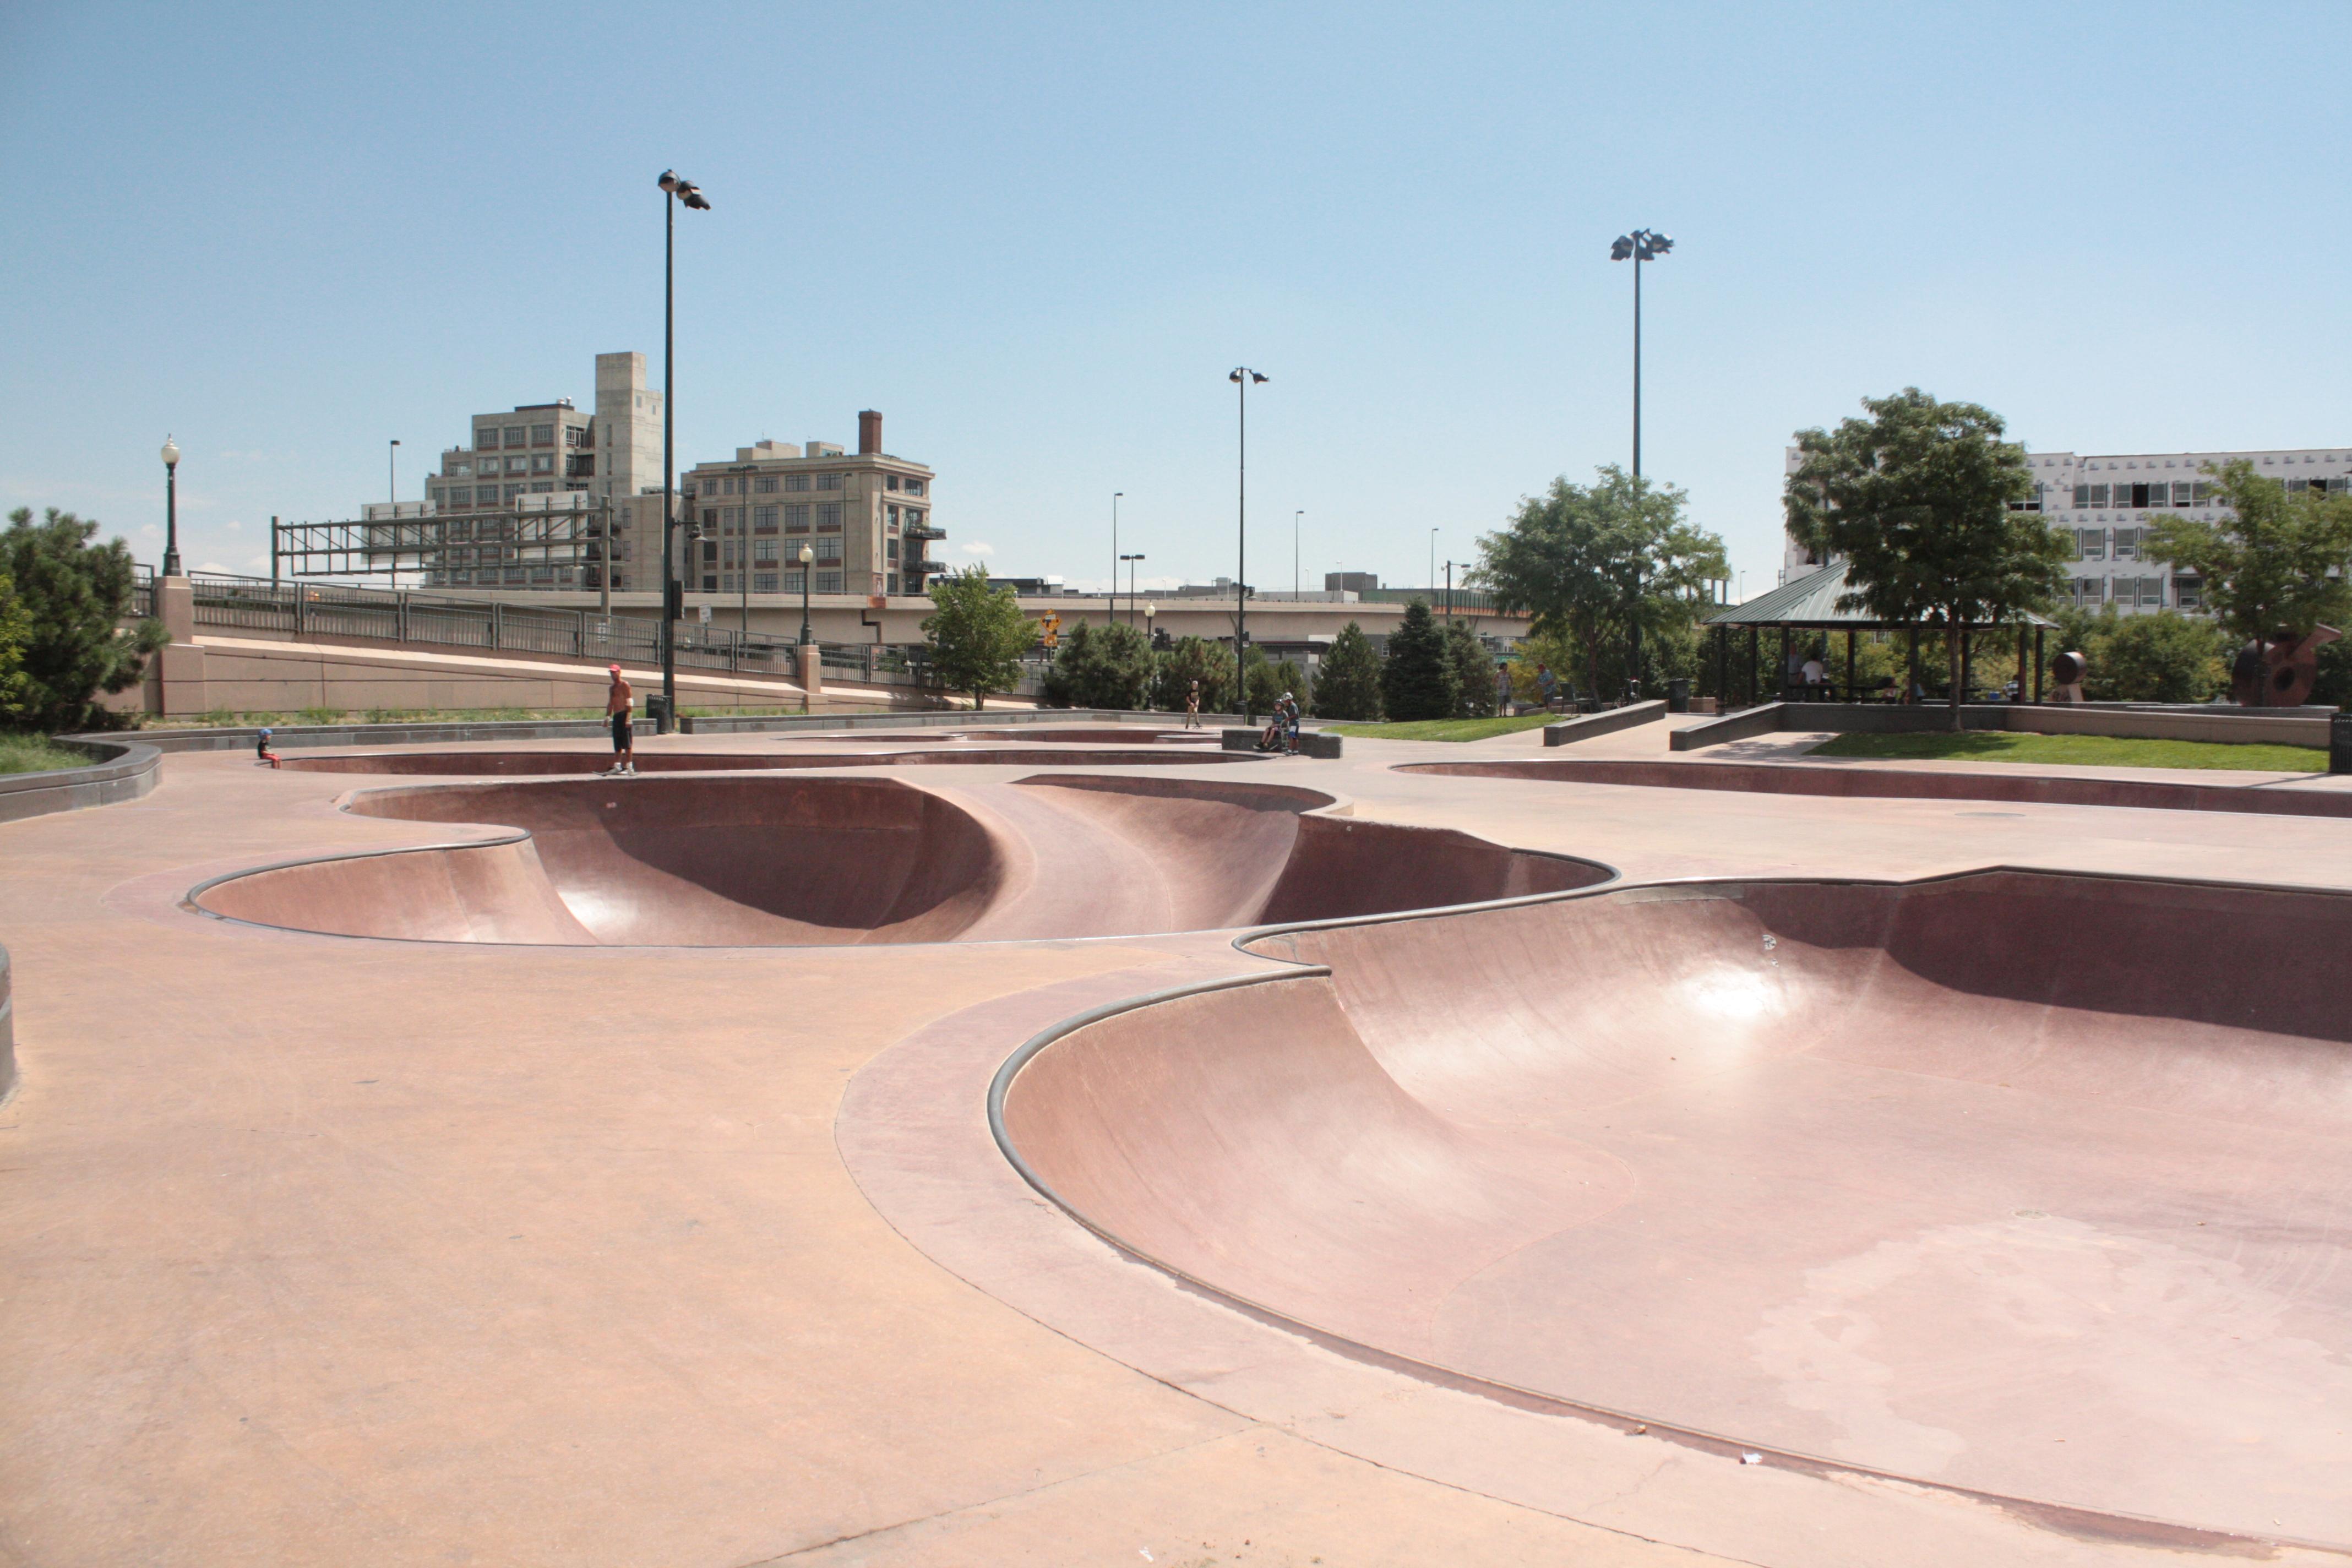 Denver skatepark